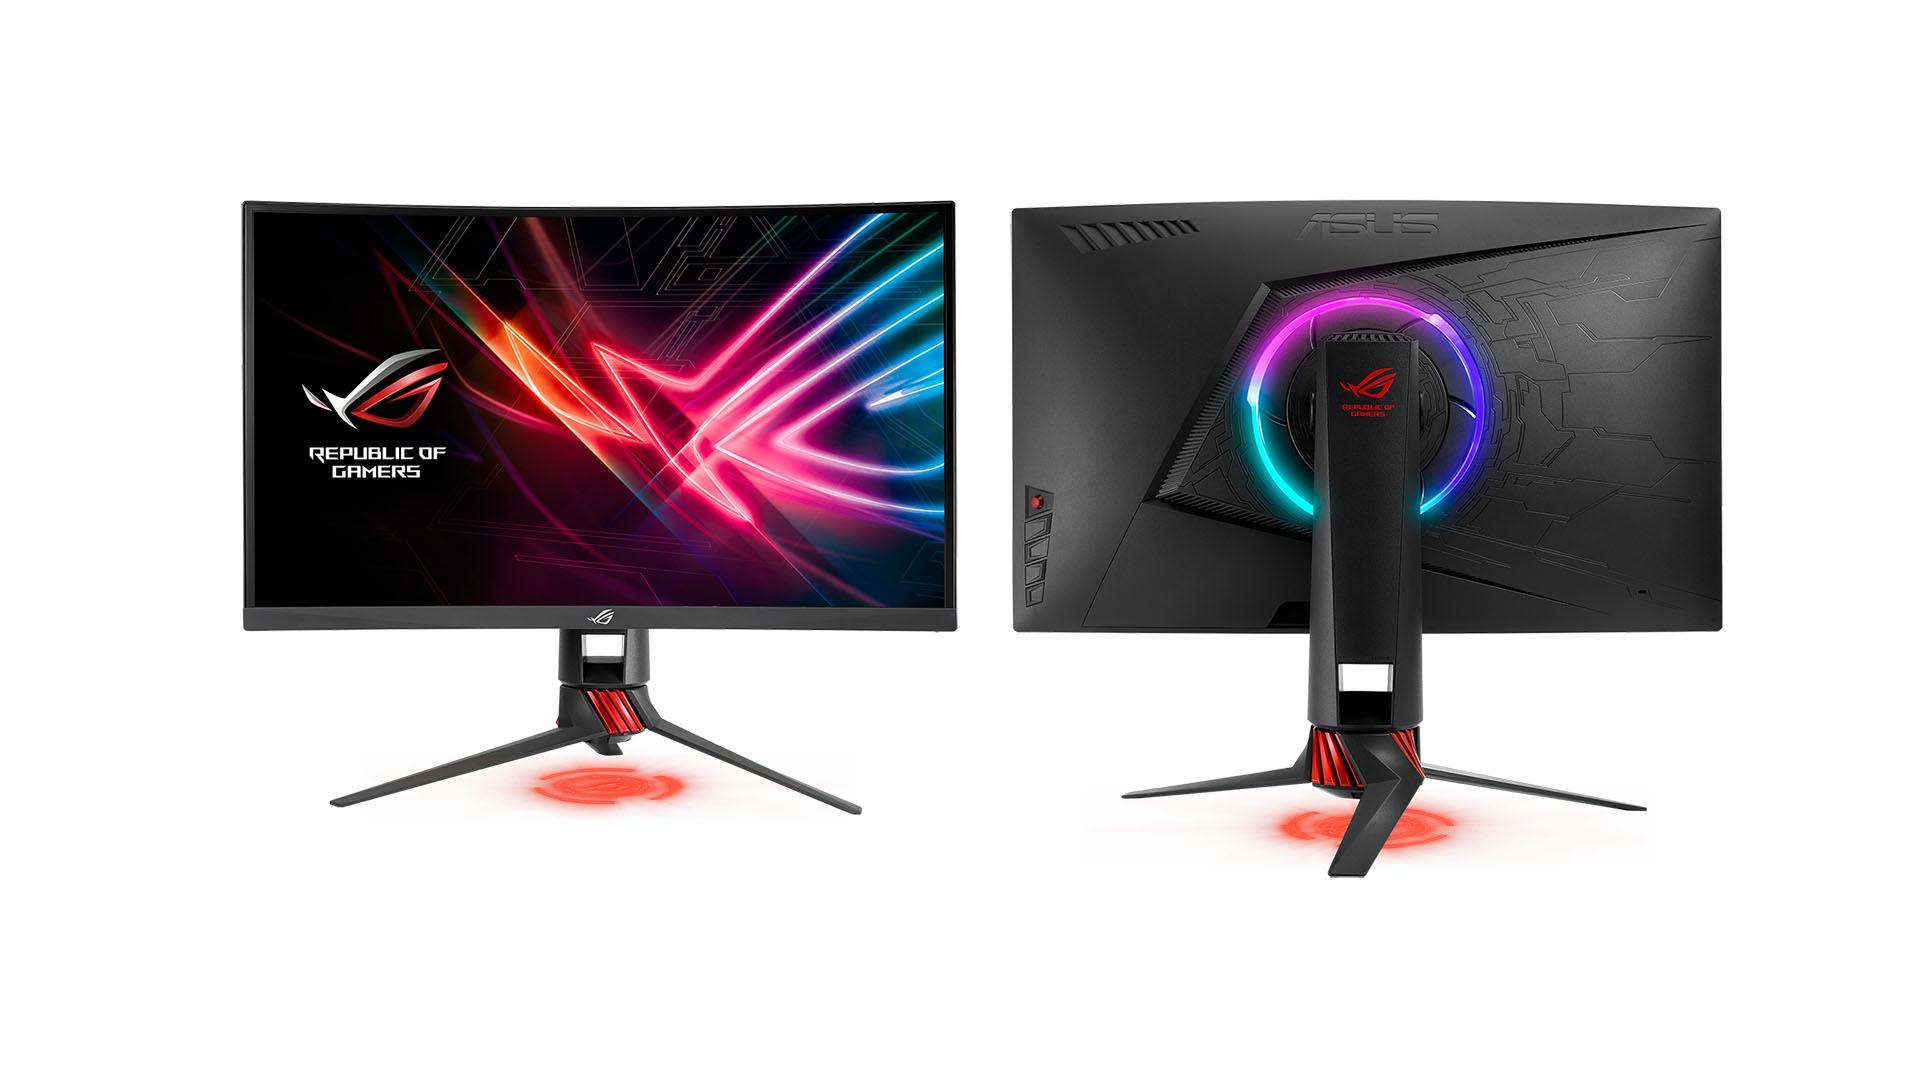 ASUS ROG anuncia su monitor Strix XG27VQ de 144Hz - TecnoGaming